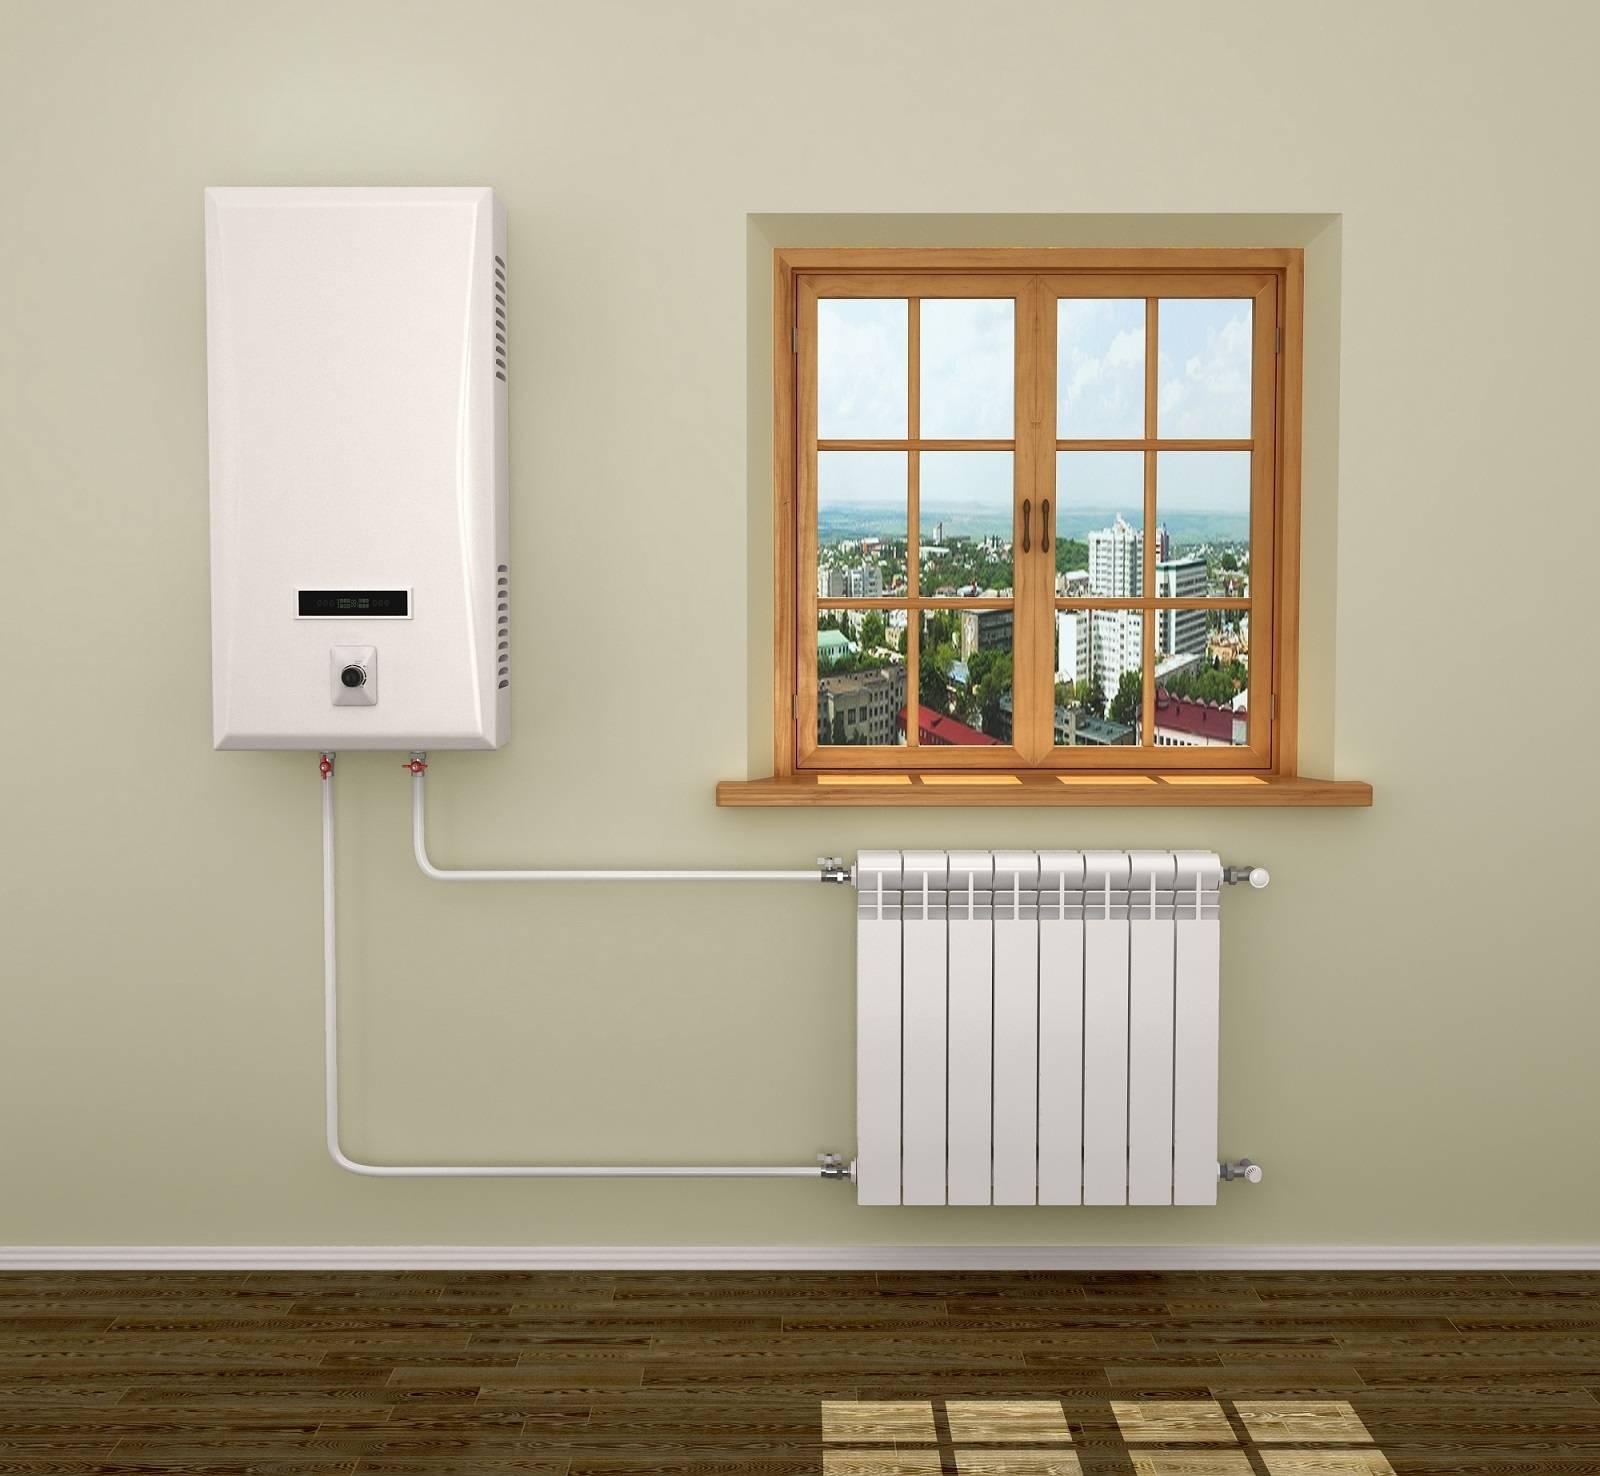 Котлы (94 фото): изделия для отопления, водогрейная конструкция для частного дома, устройство наружного размещения и модели на опилках